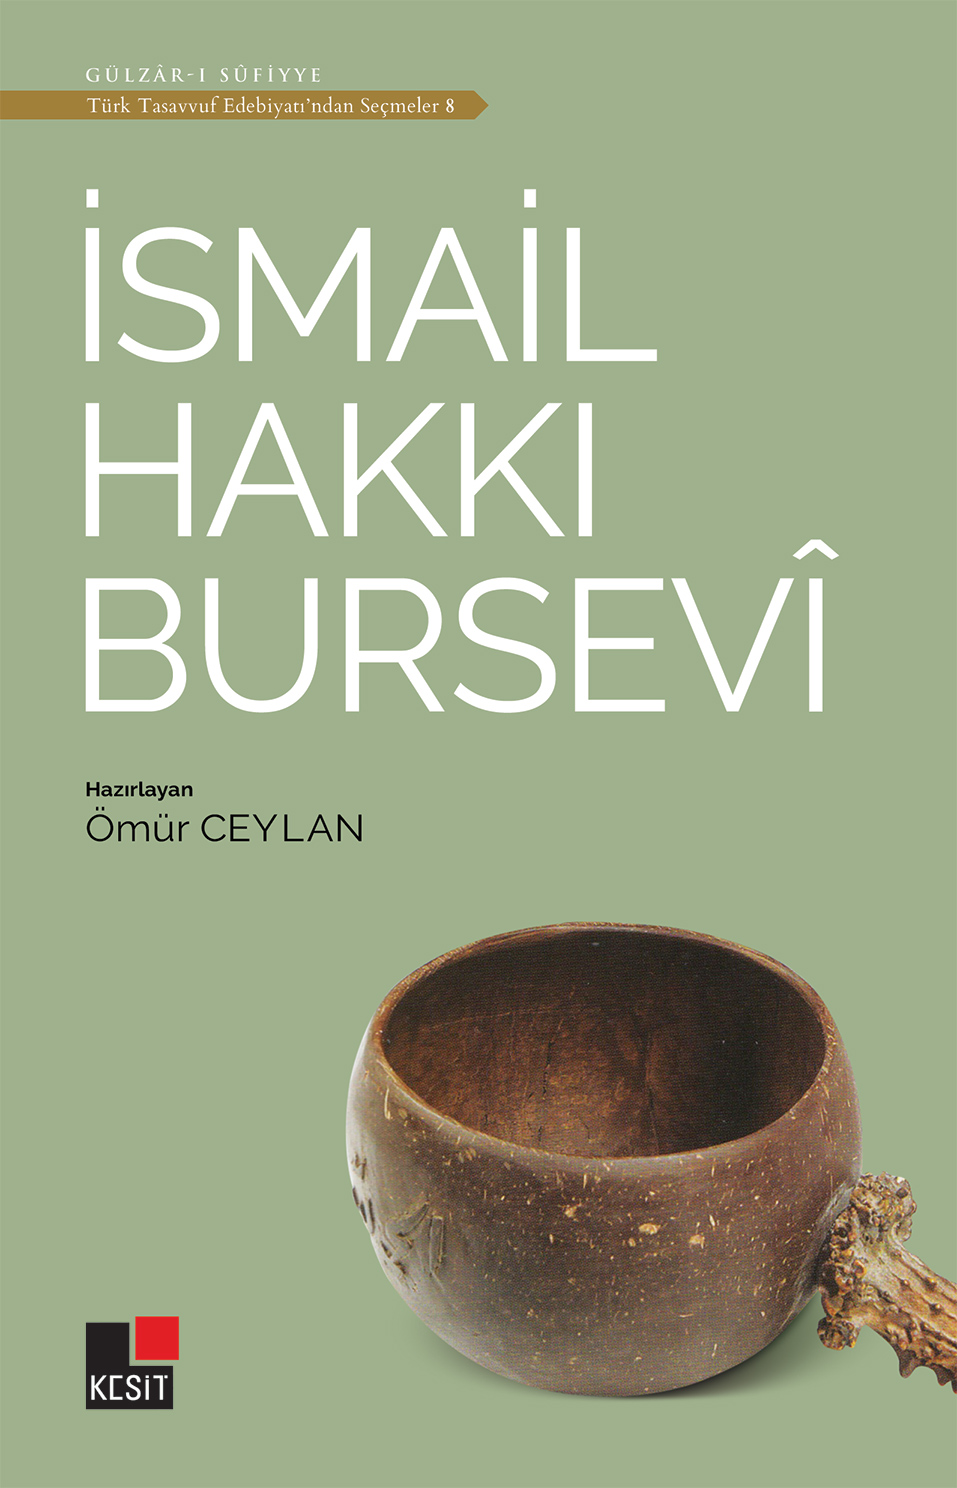 İsmail Hakkı Bursevî / Türk tasavvuf edebiyatından seçmeler 8